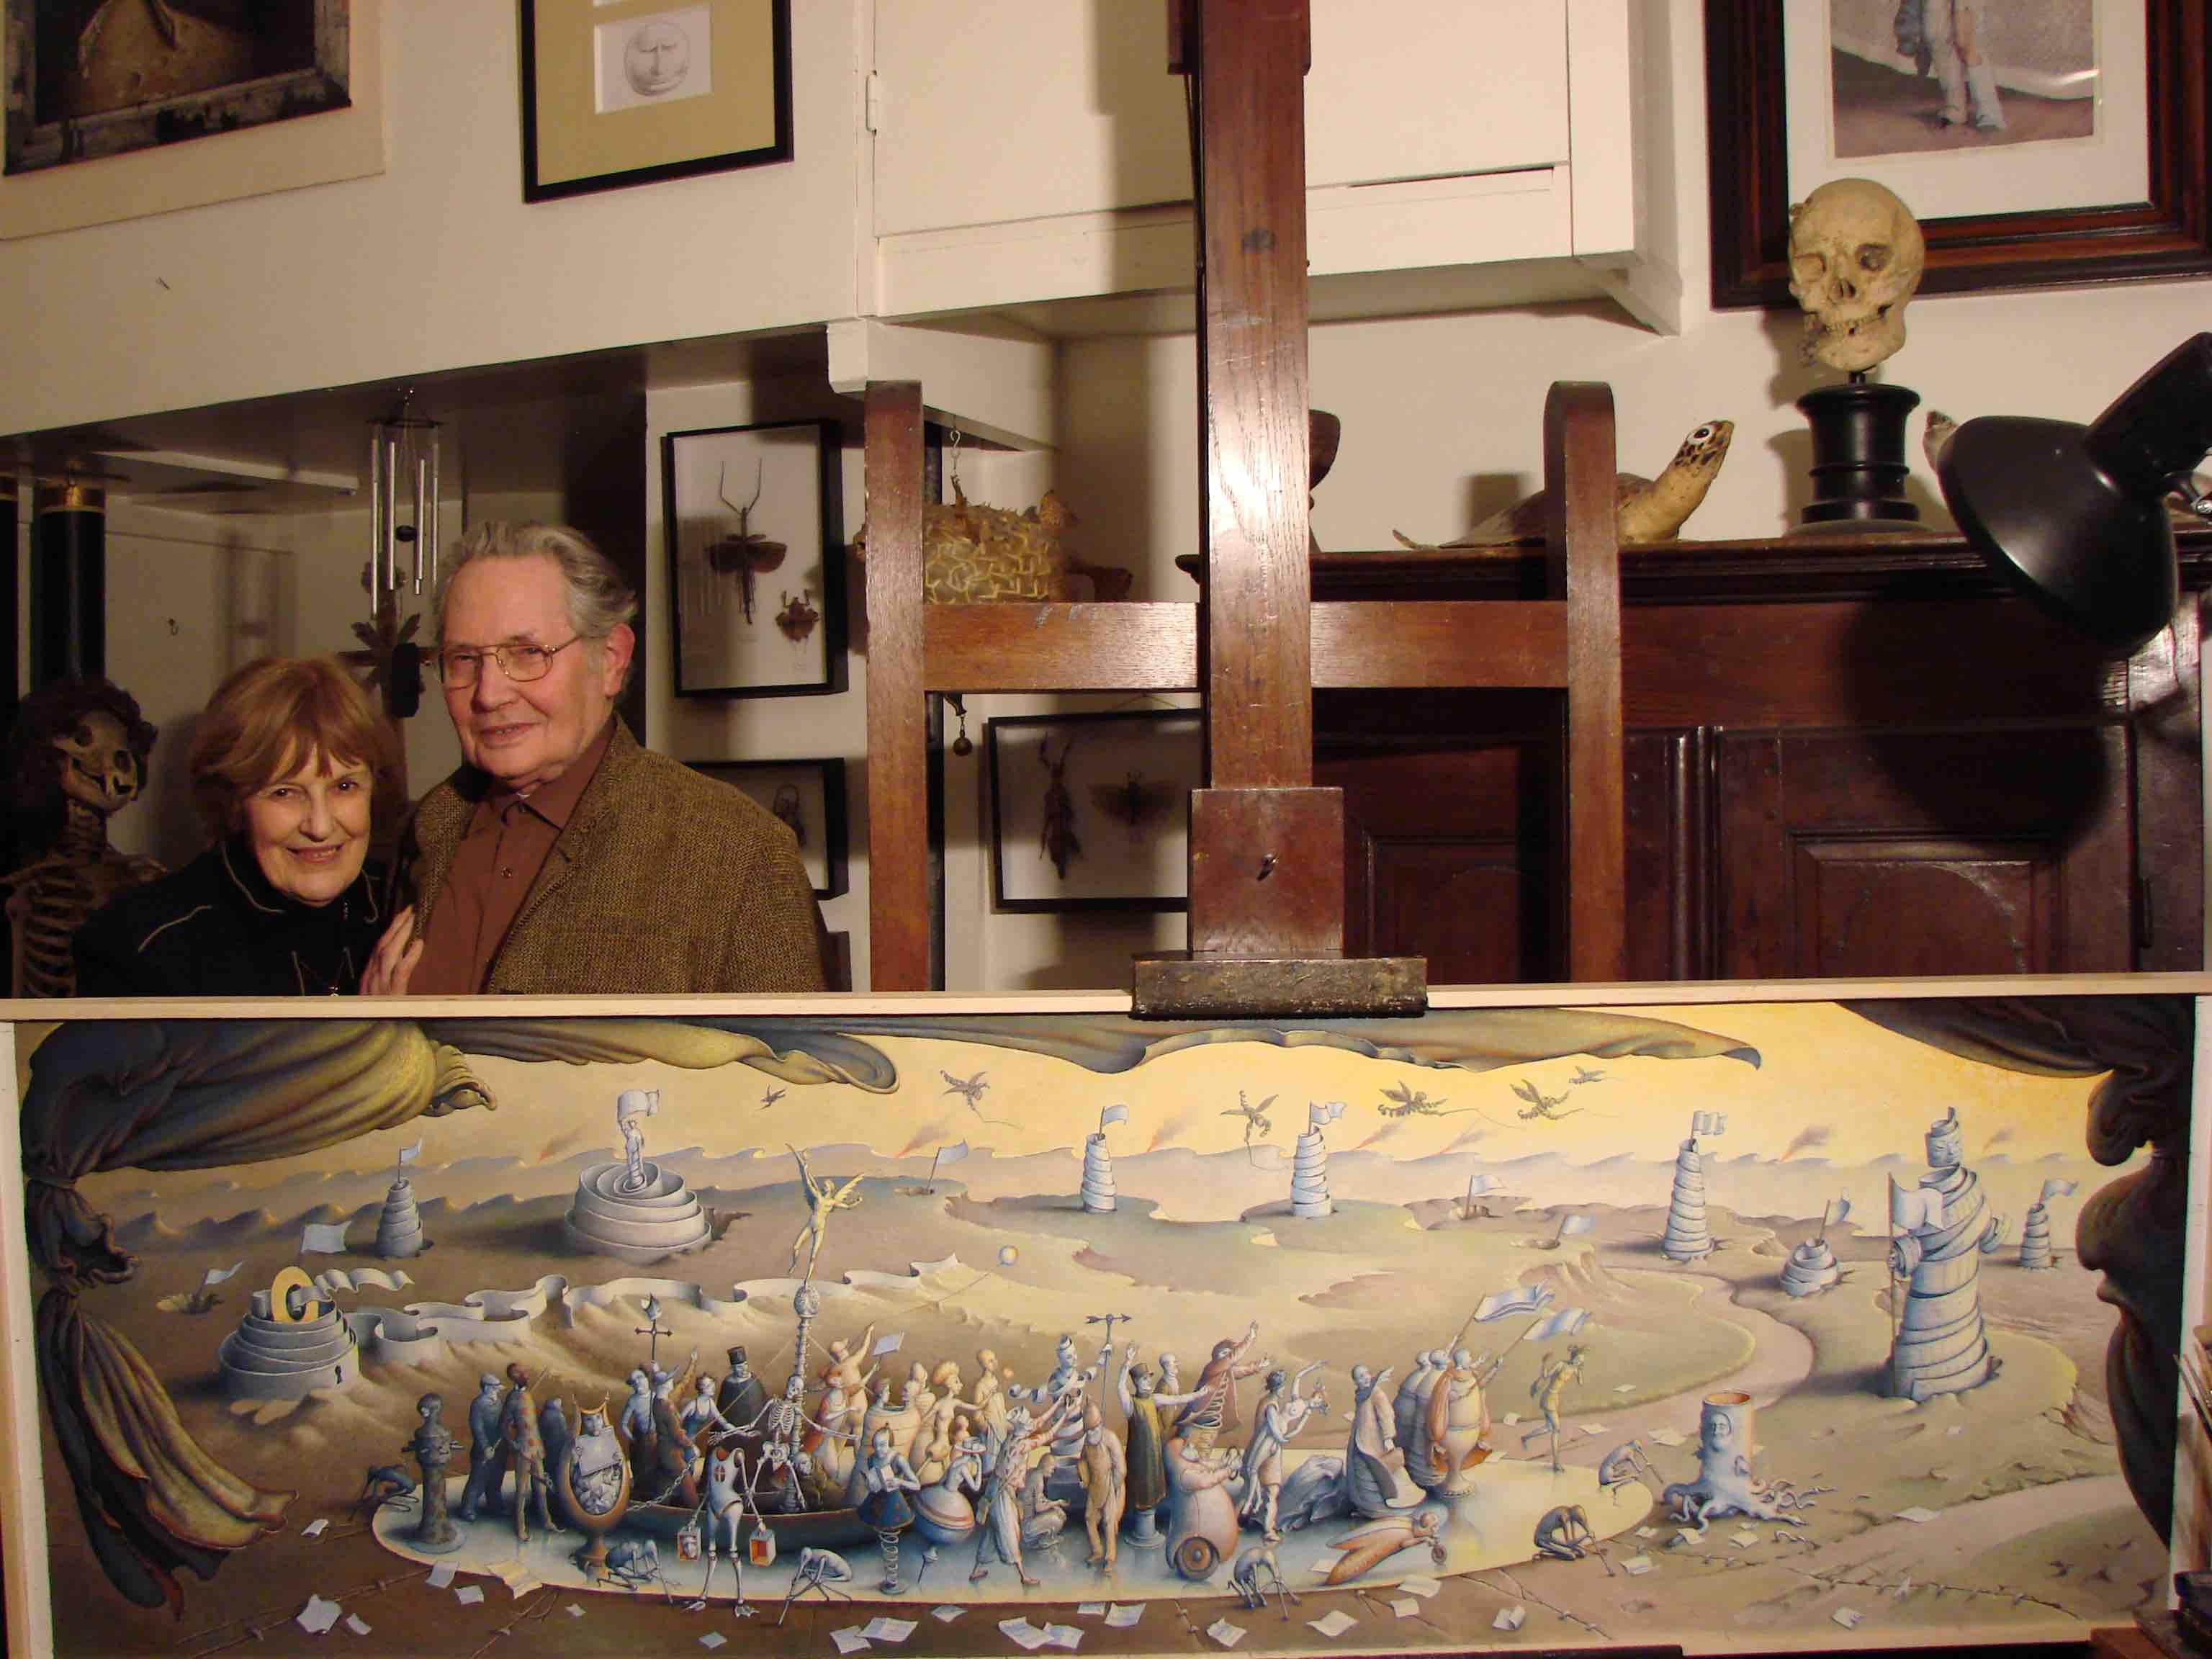 """Claude Verlinde et son épouse dans l'atelier d'artiste devant la toile """"La Folie mène le monde"""" © DR 2011"""